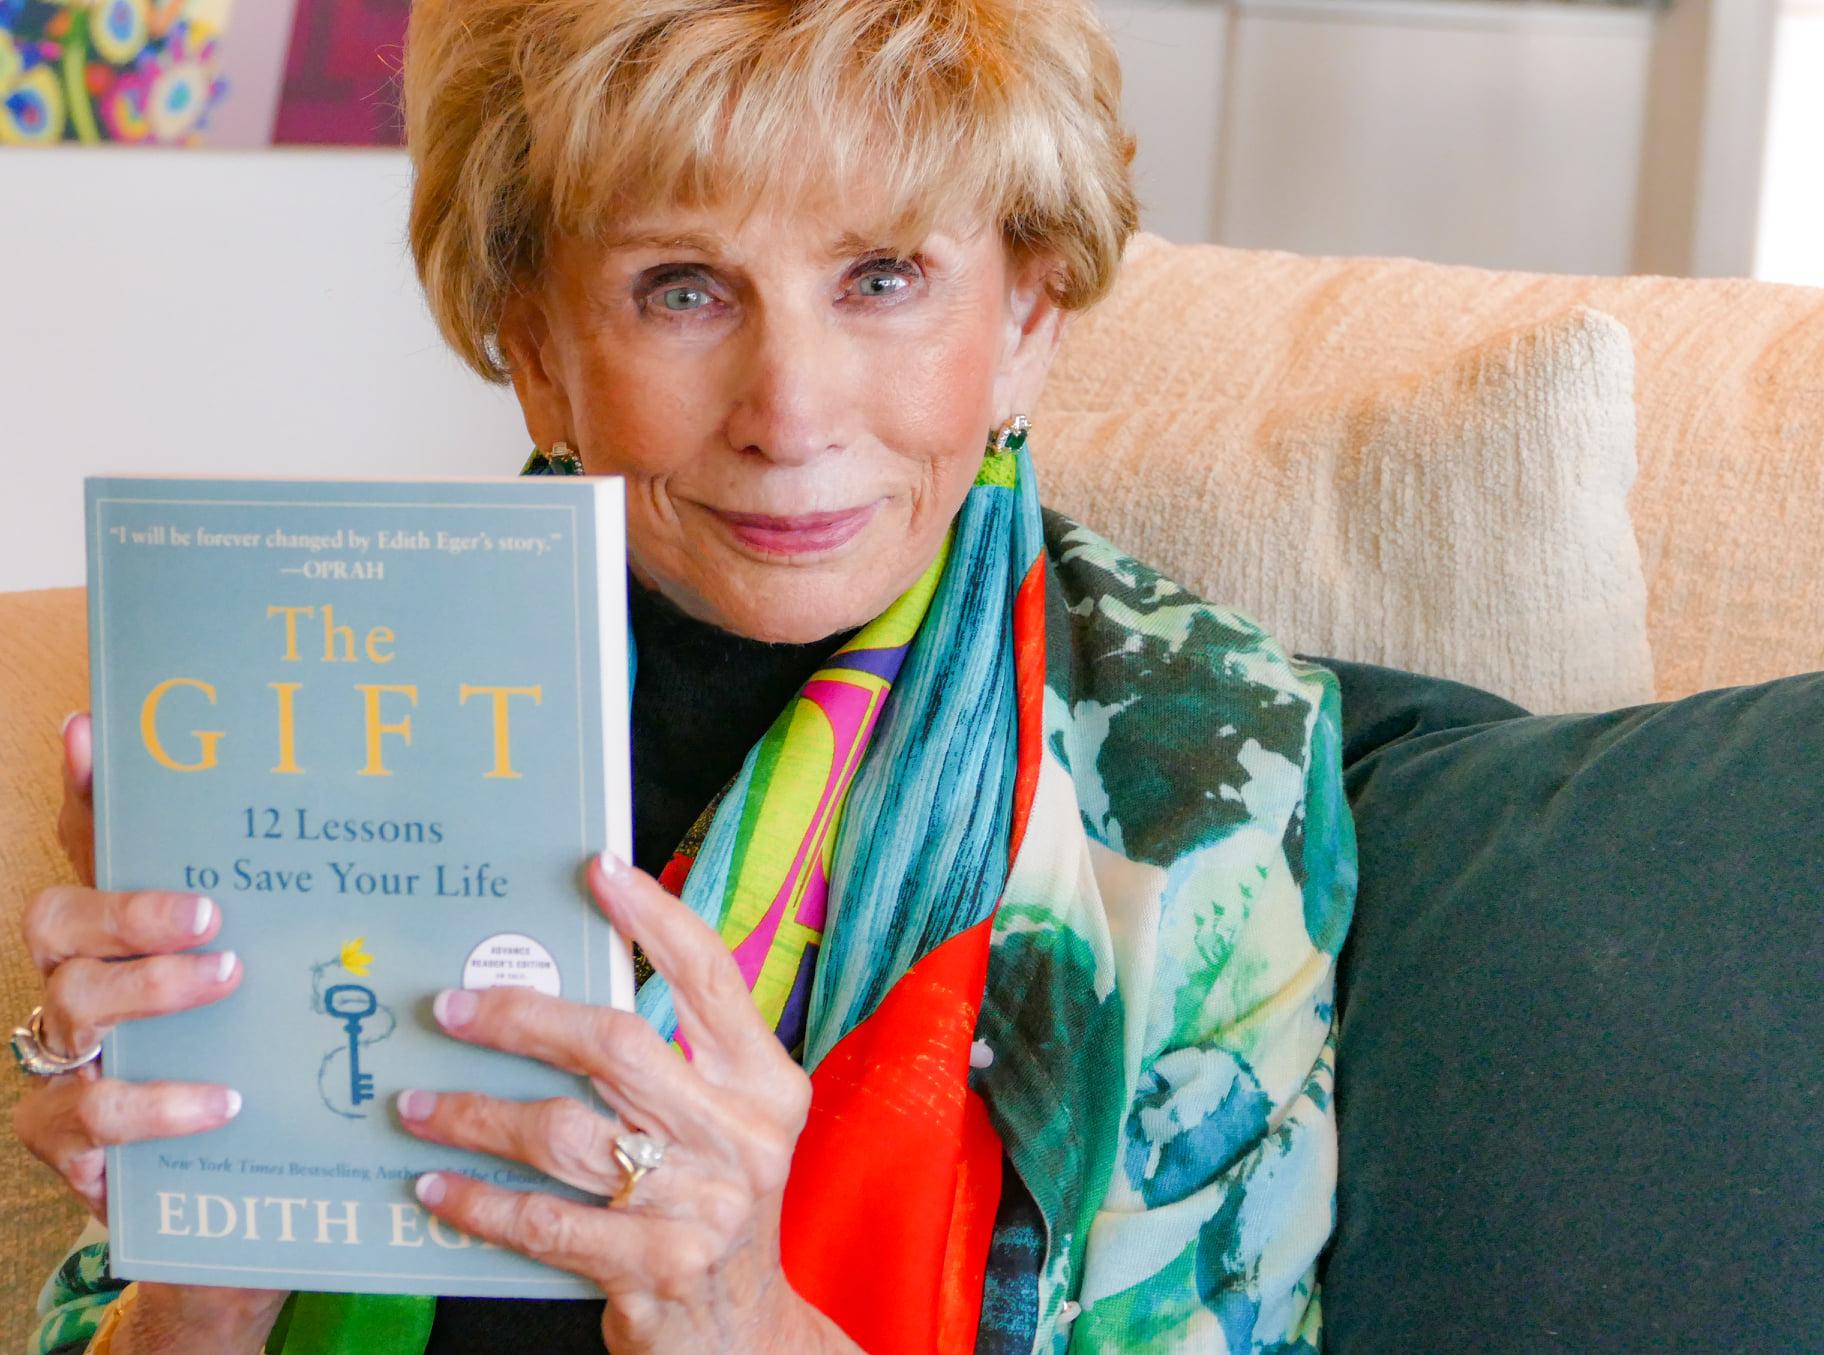 """Др Едит Ева Егер: """"Бол, потешкоће и патња дарови су који нам помажу да постанемо онакви какви бисмо требали бити"""""""